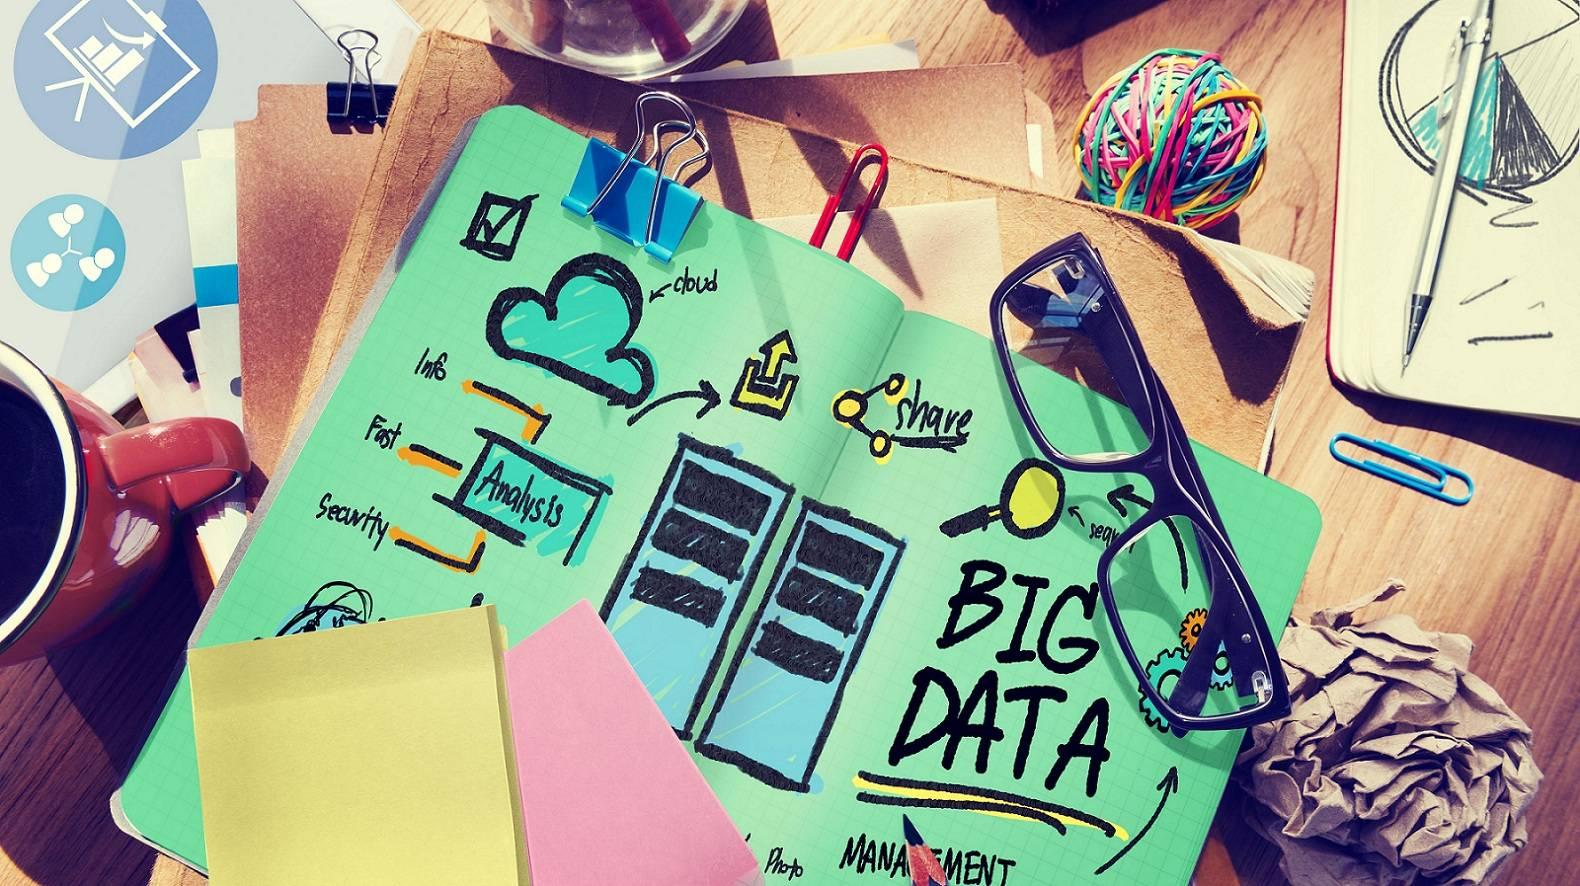 2018线下大数据产业应用研究报告